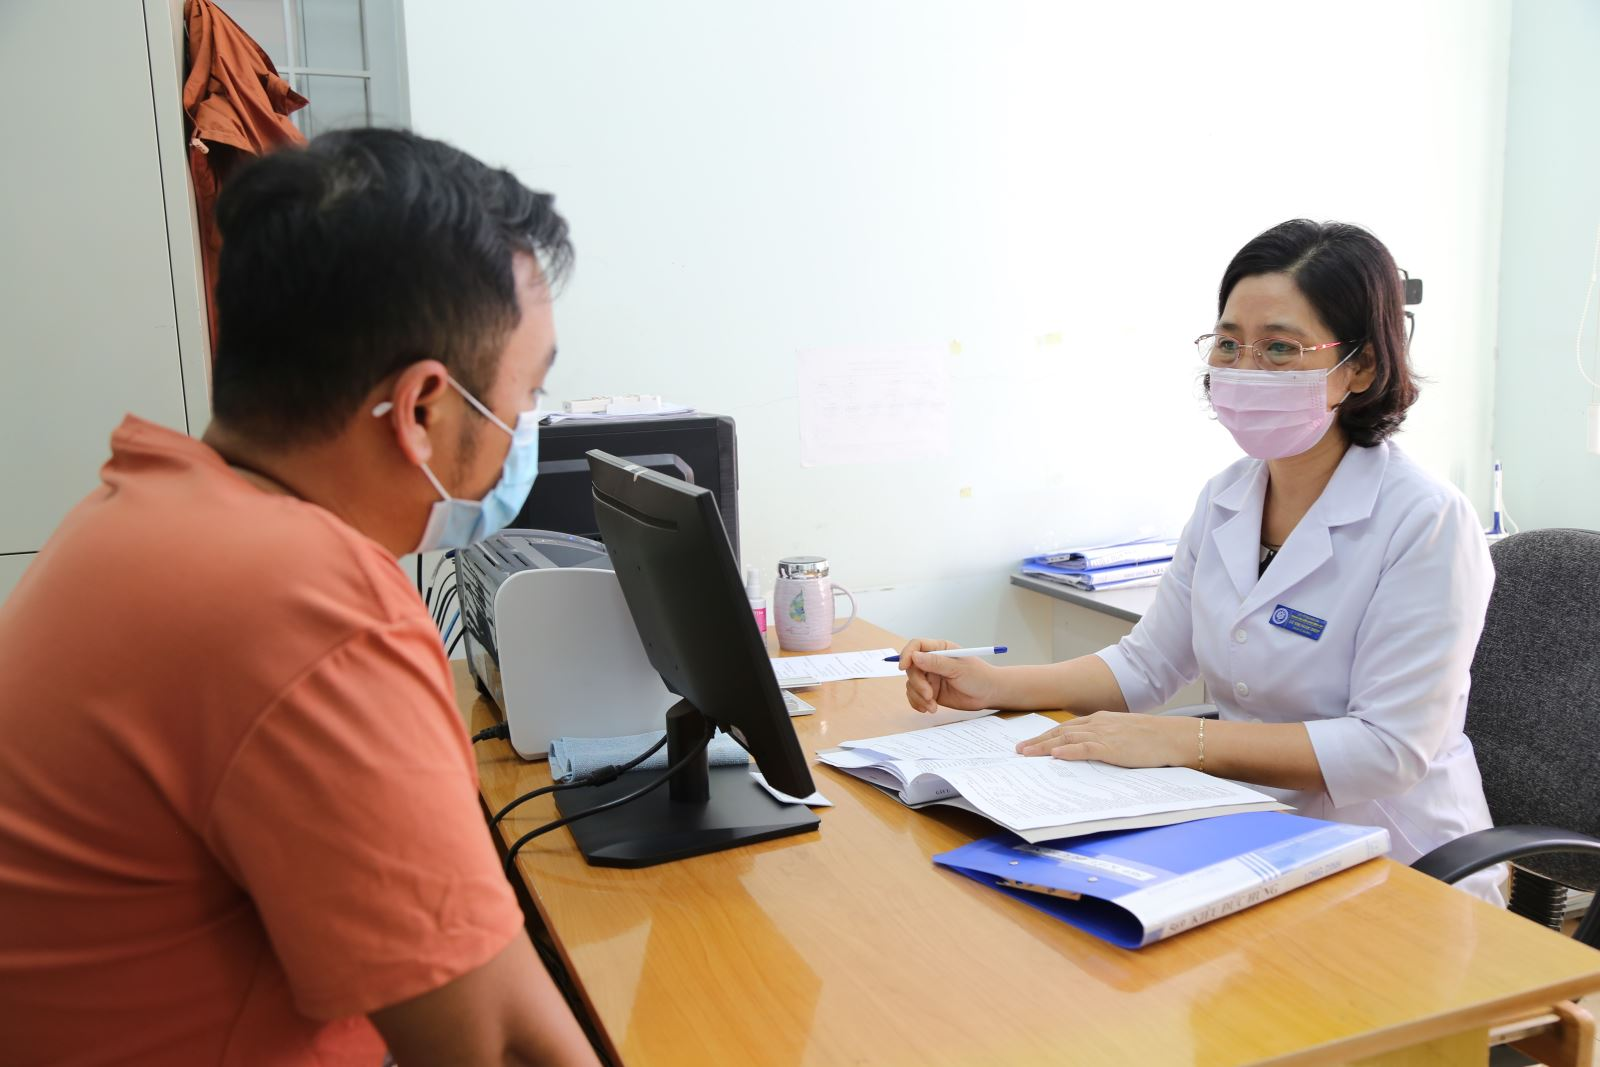 Cần tăng cường các hoạt động truyền thông để giúp các bệnh nhân nhiễm HIV xóa bỏ mặc cảm (Trong ảnh: Bệnh nhân nhiễm HIV đến tư vấn tại Khoa phòng, chống HIV/AIDS - Trung tâm Kiểm soát Bệnh tật tỉnh Đăk Lăk)